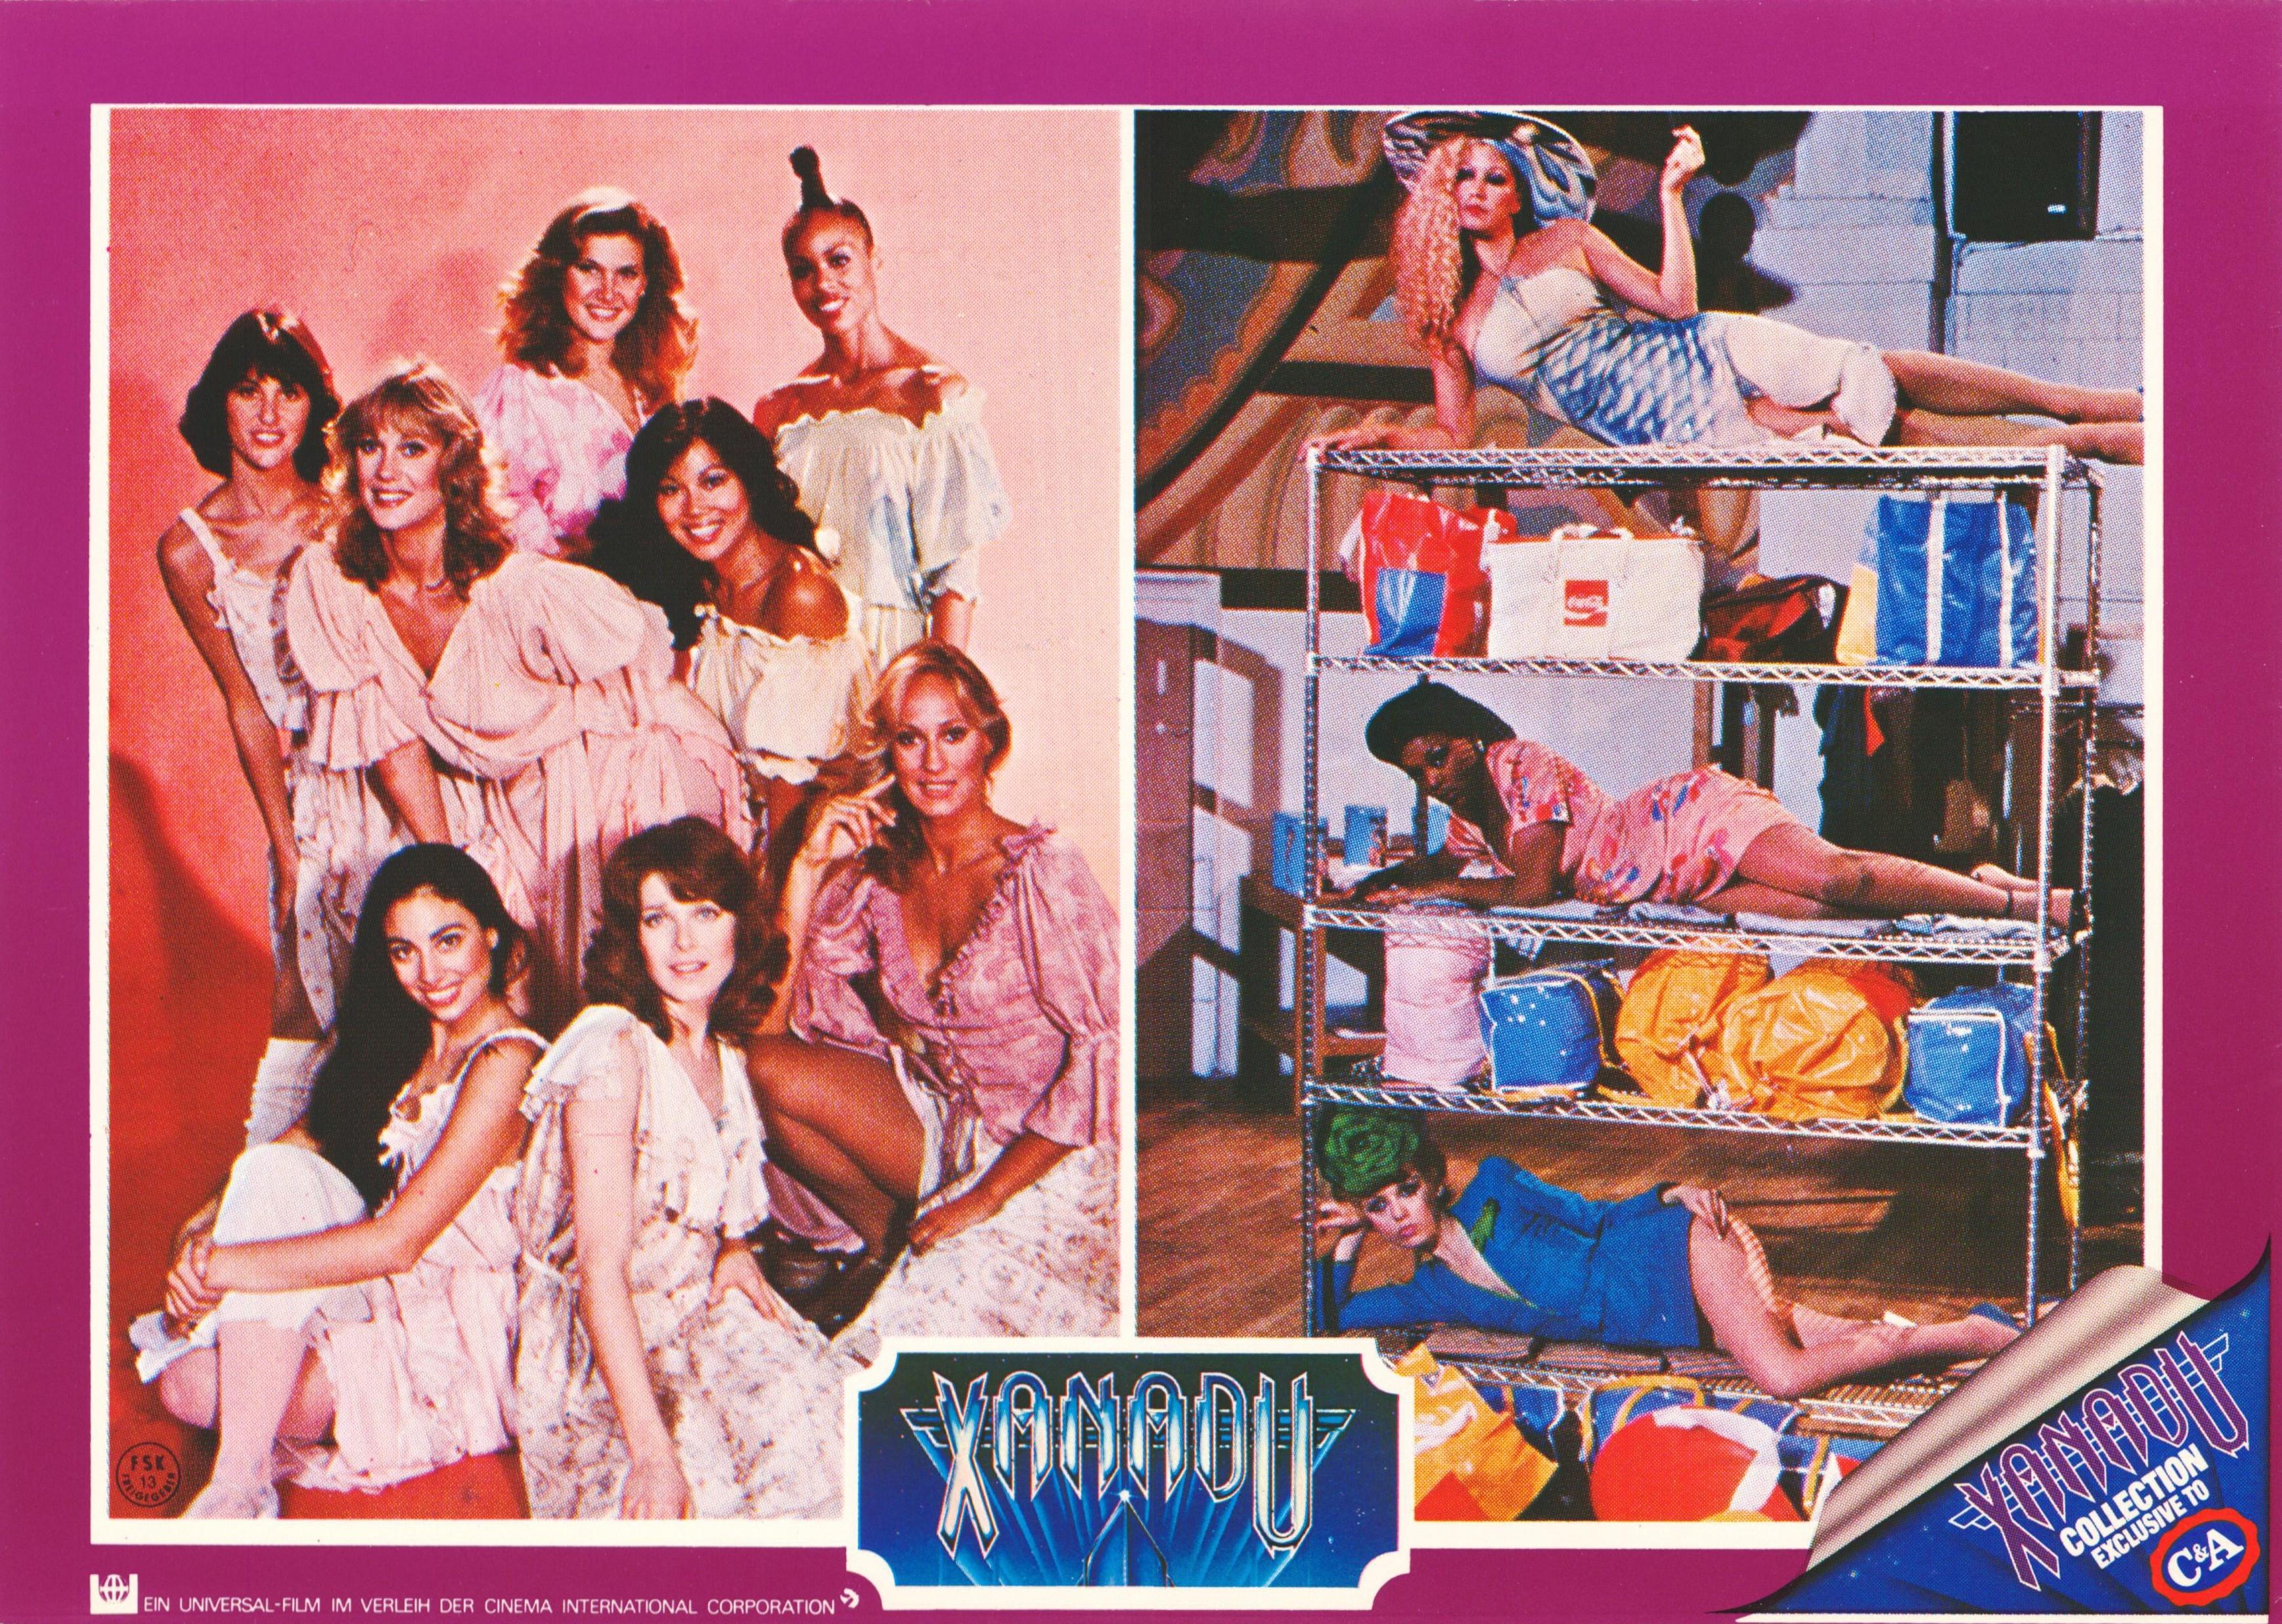 Sandahl Bergman, Lynn Latham, Cherise Bates, Teri Beckerman, Juliette Marshall, Melinda Phelps, Marilyn Tokuda, and Yvette Van Voorhees in Xanadu (1980)